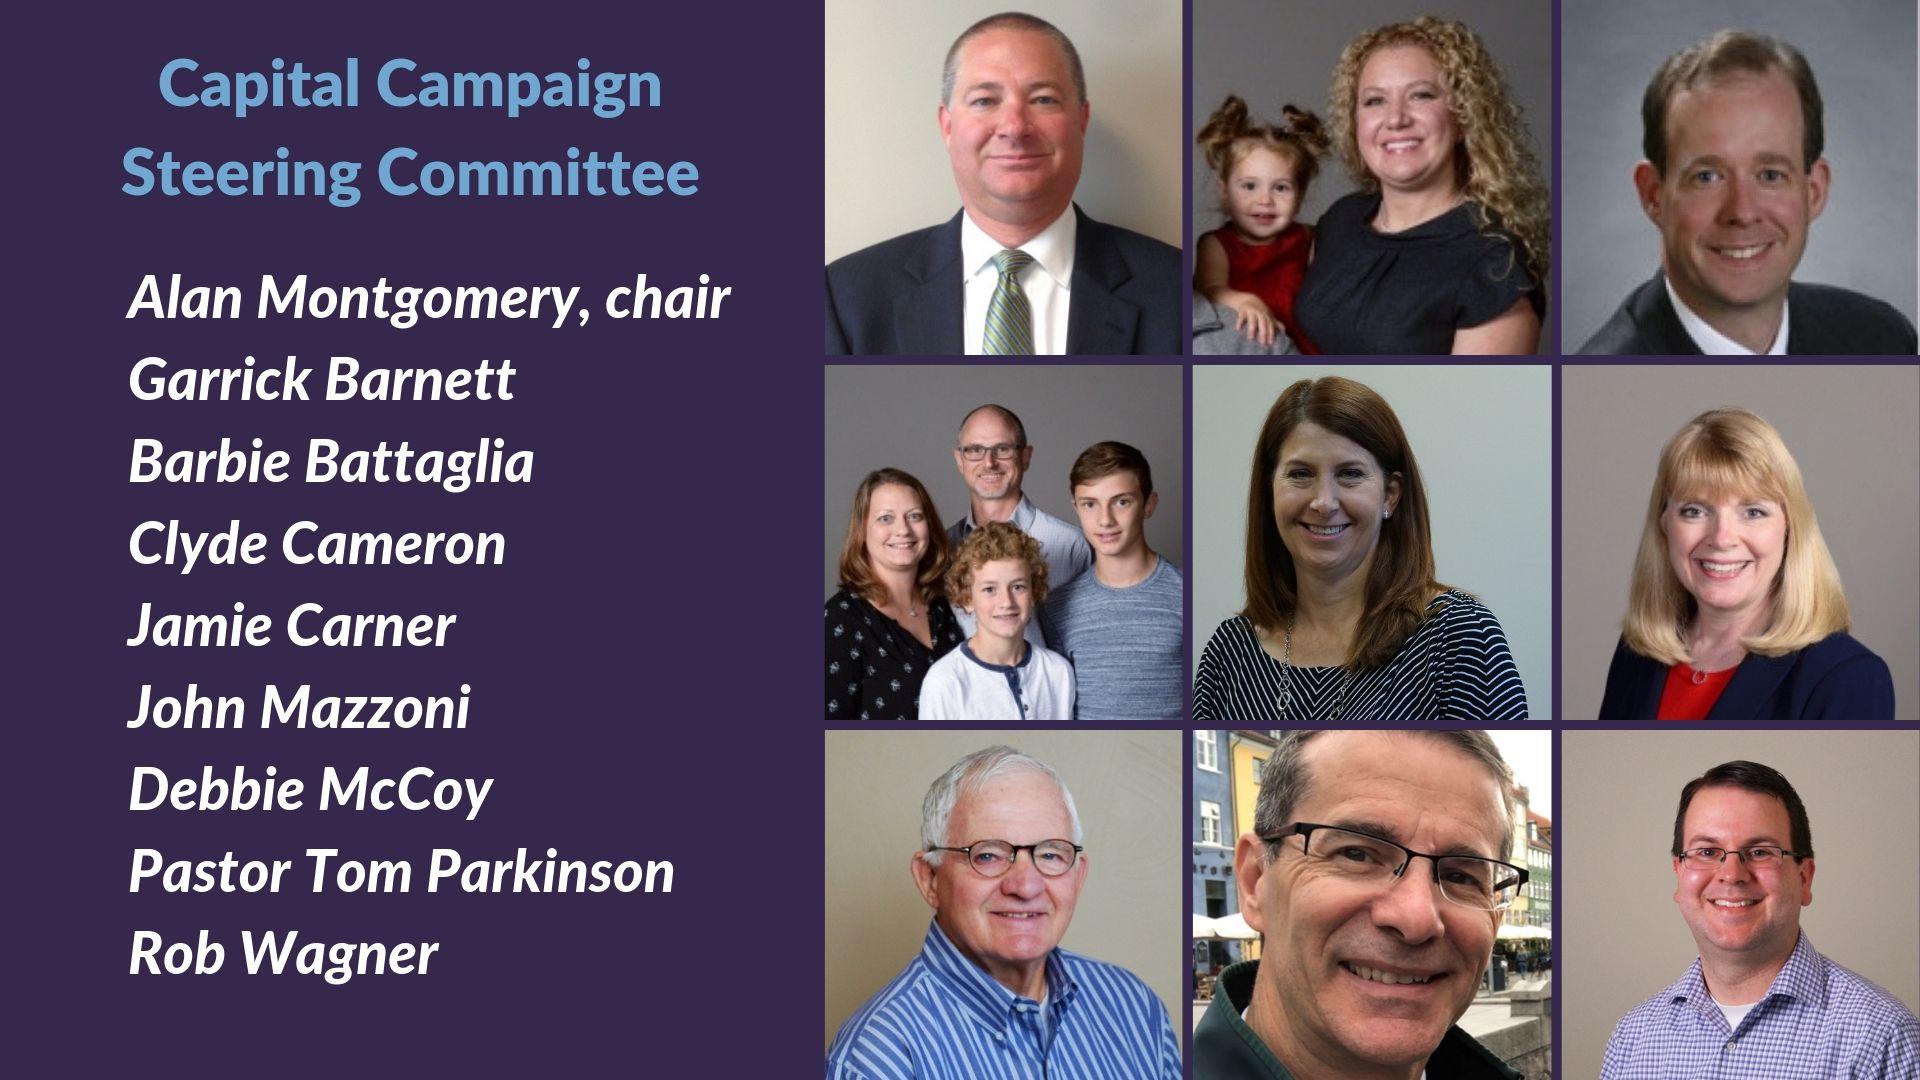 Capital Campaign Steering Committee.jpg